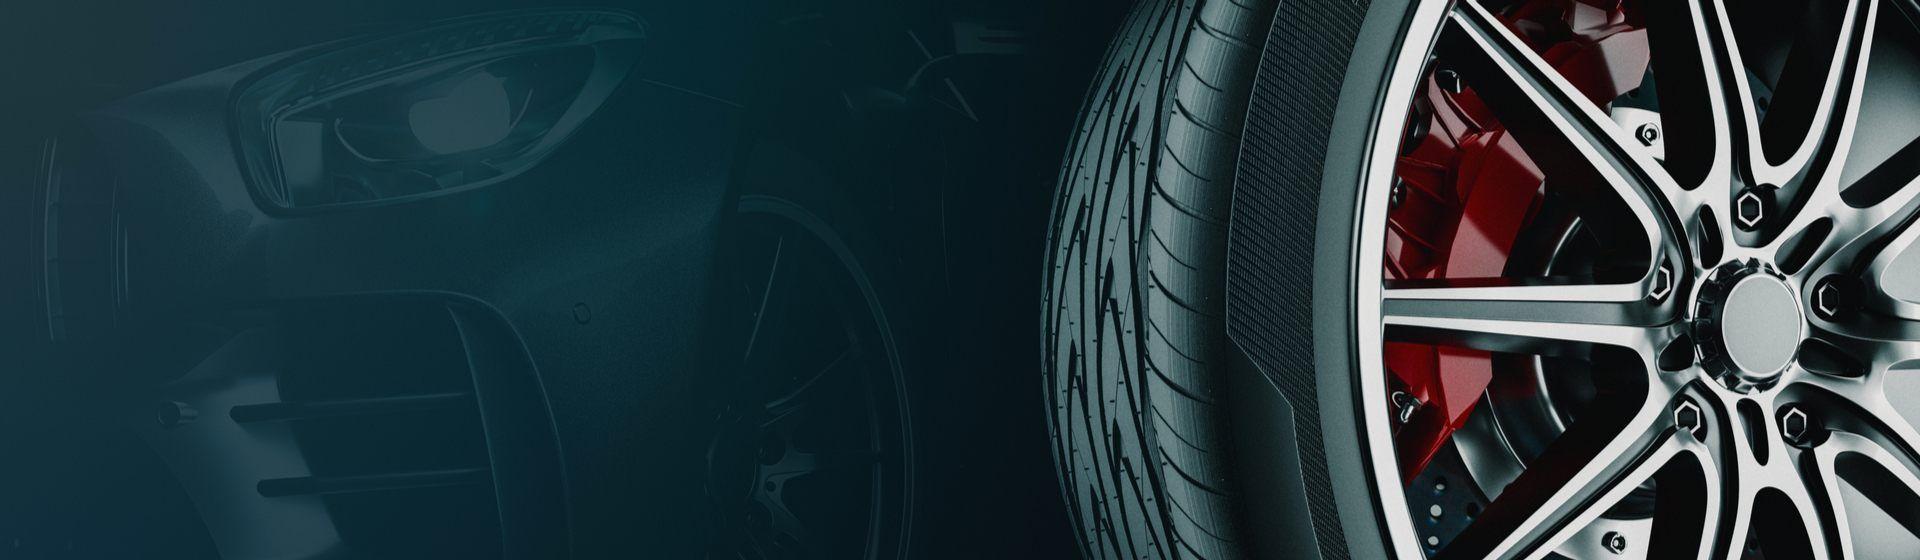 Medidas de pneus: como encontrar e entender o significado